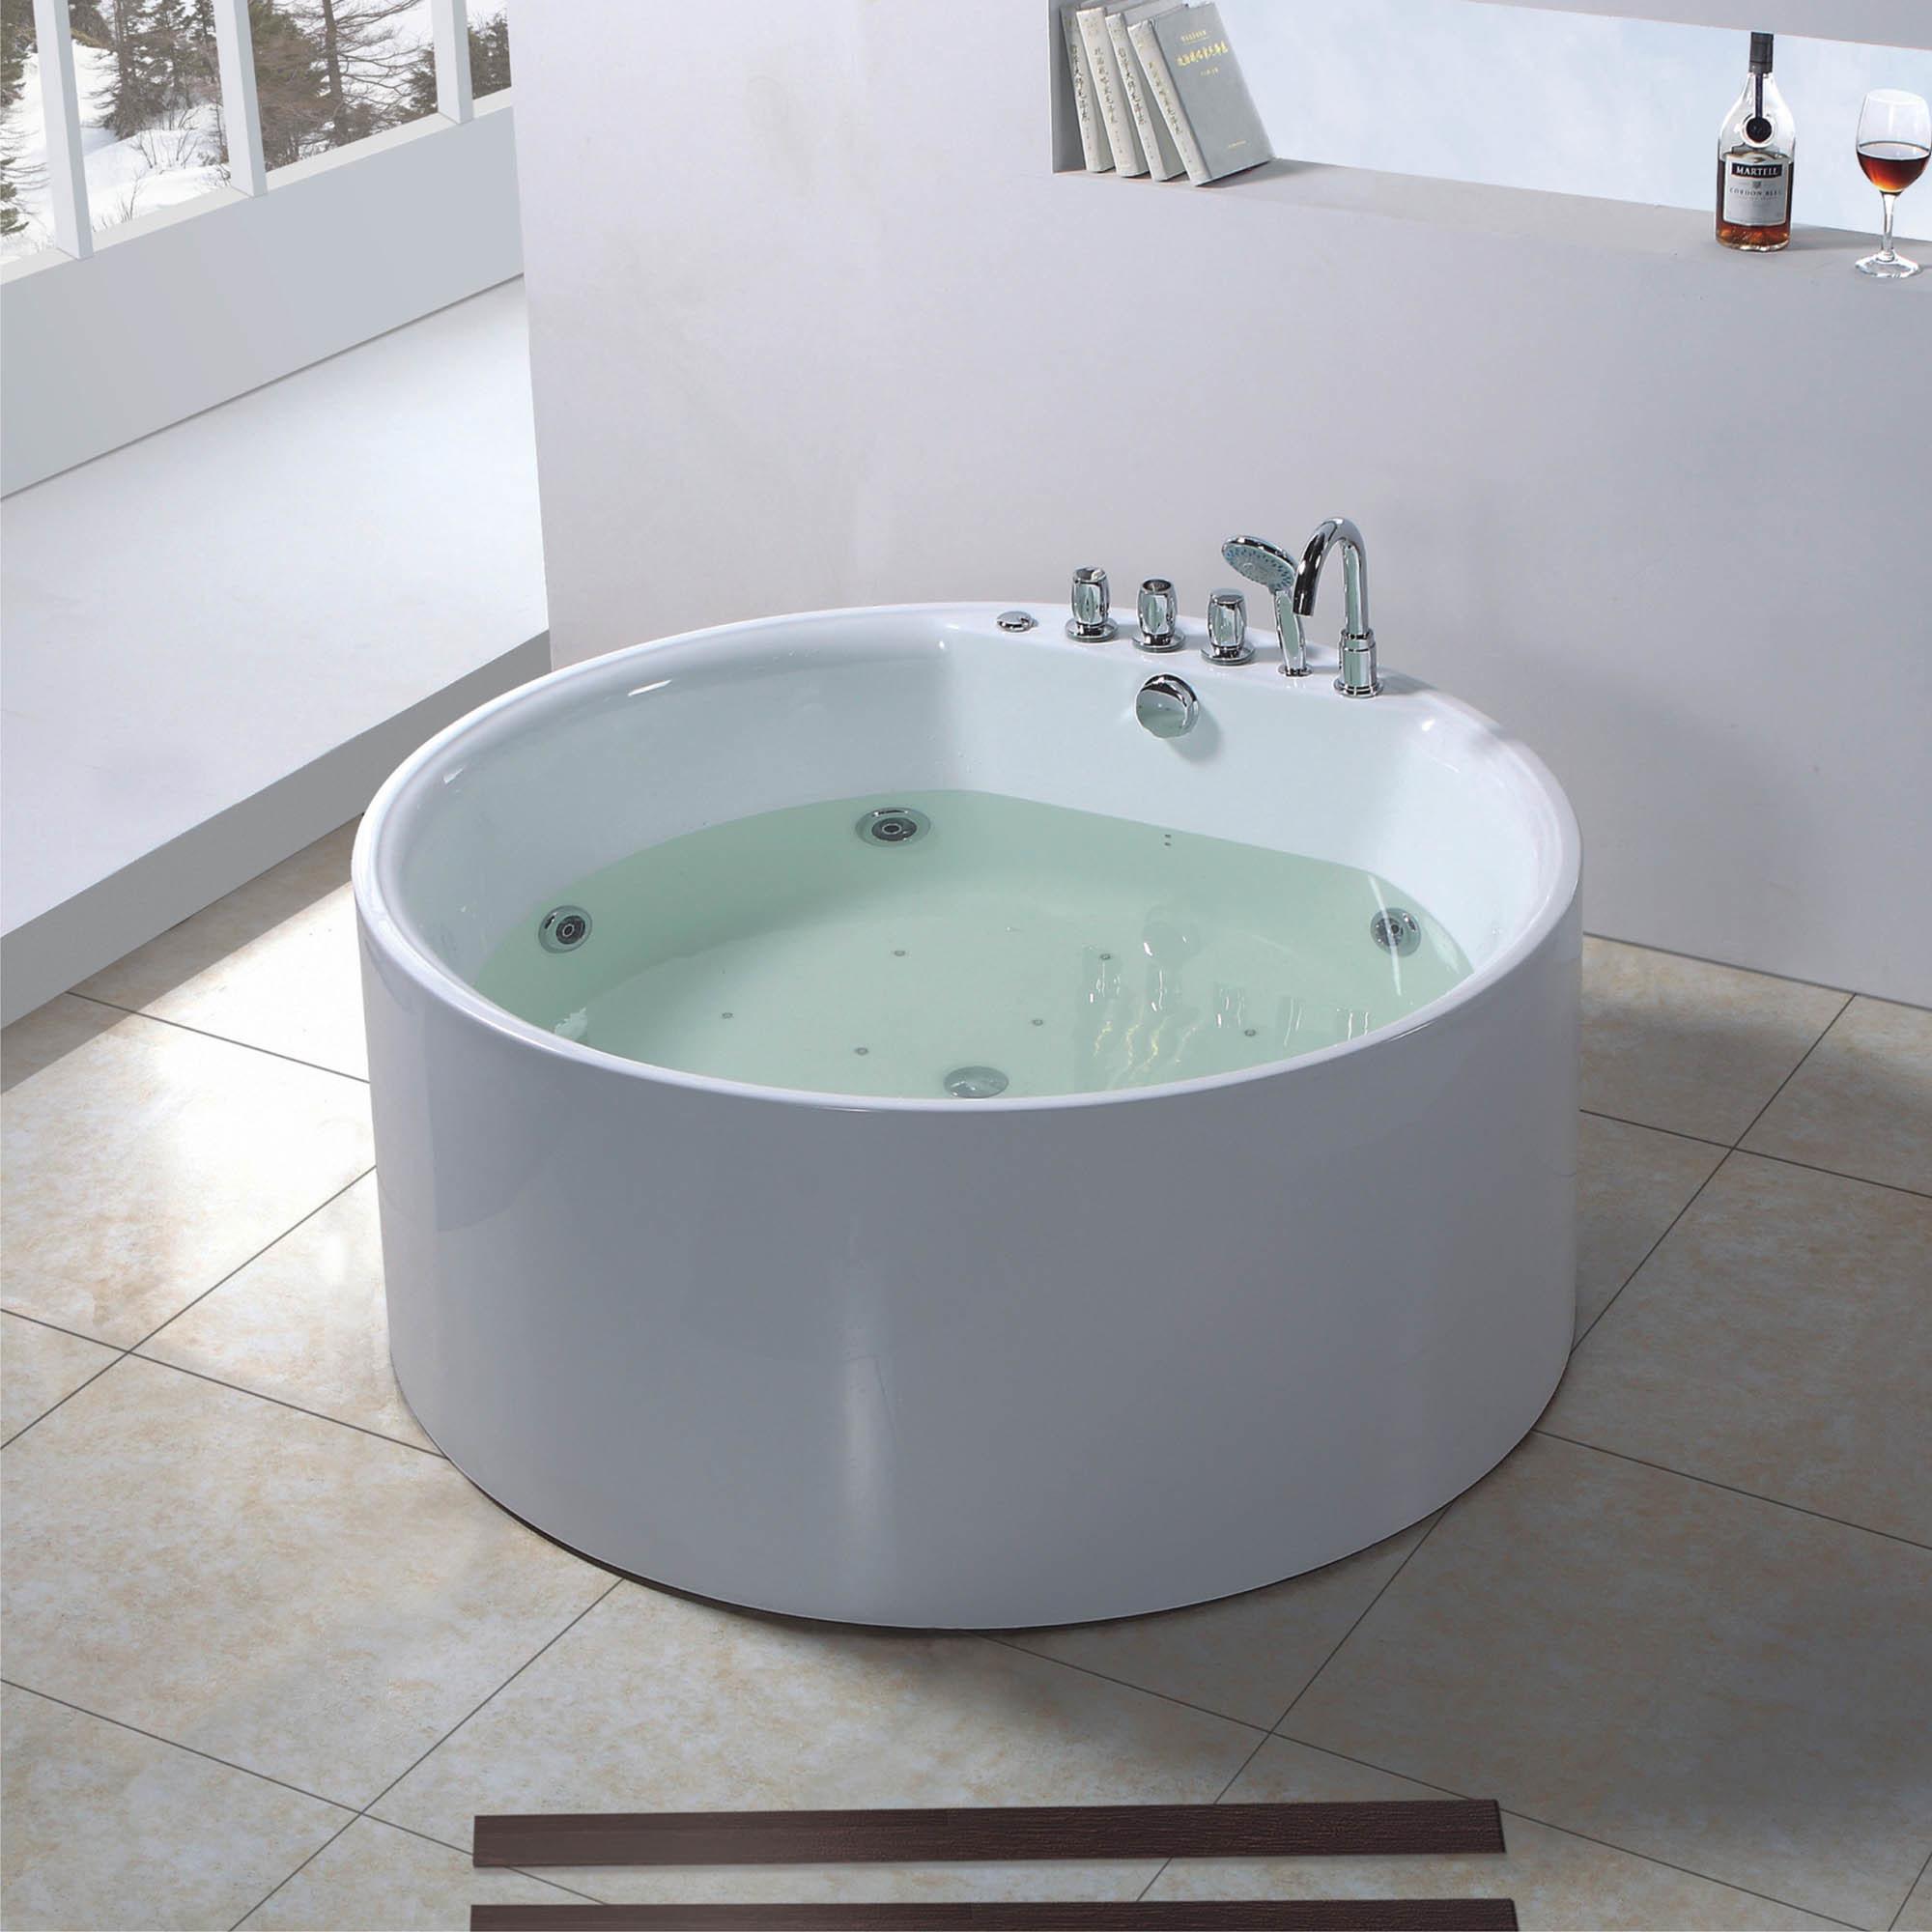 Vasca da bagno della jacuzzi di figura rotonda bf 6627 vasca da bagno della jacuzzi di - Vasca da bagno rotonda ...